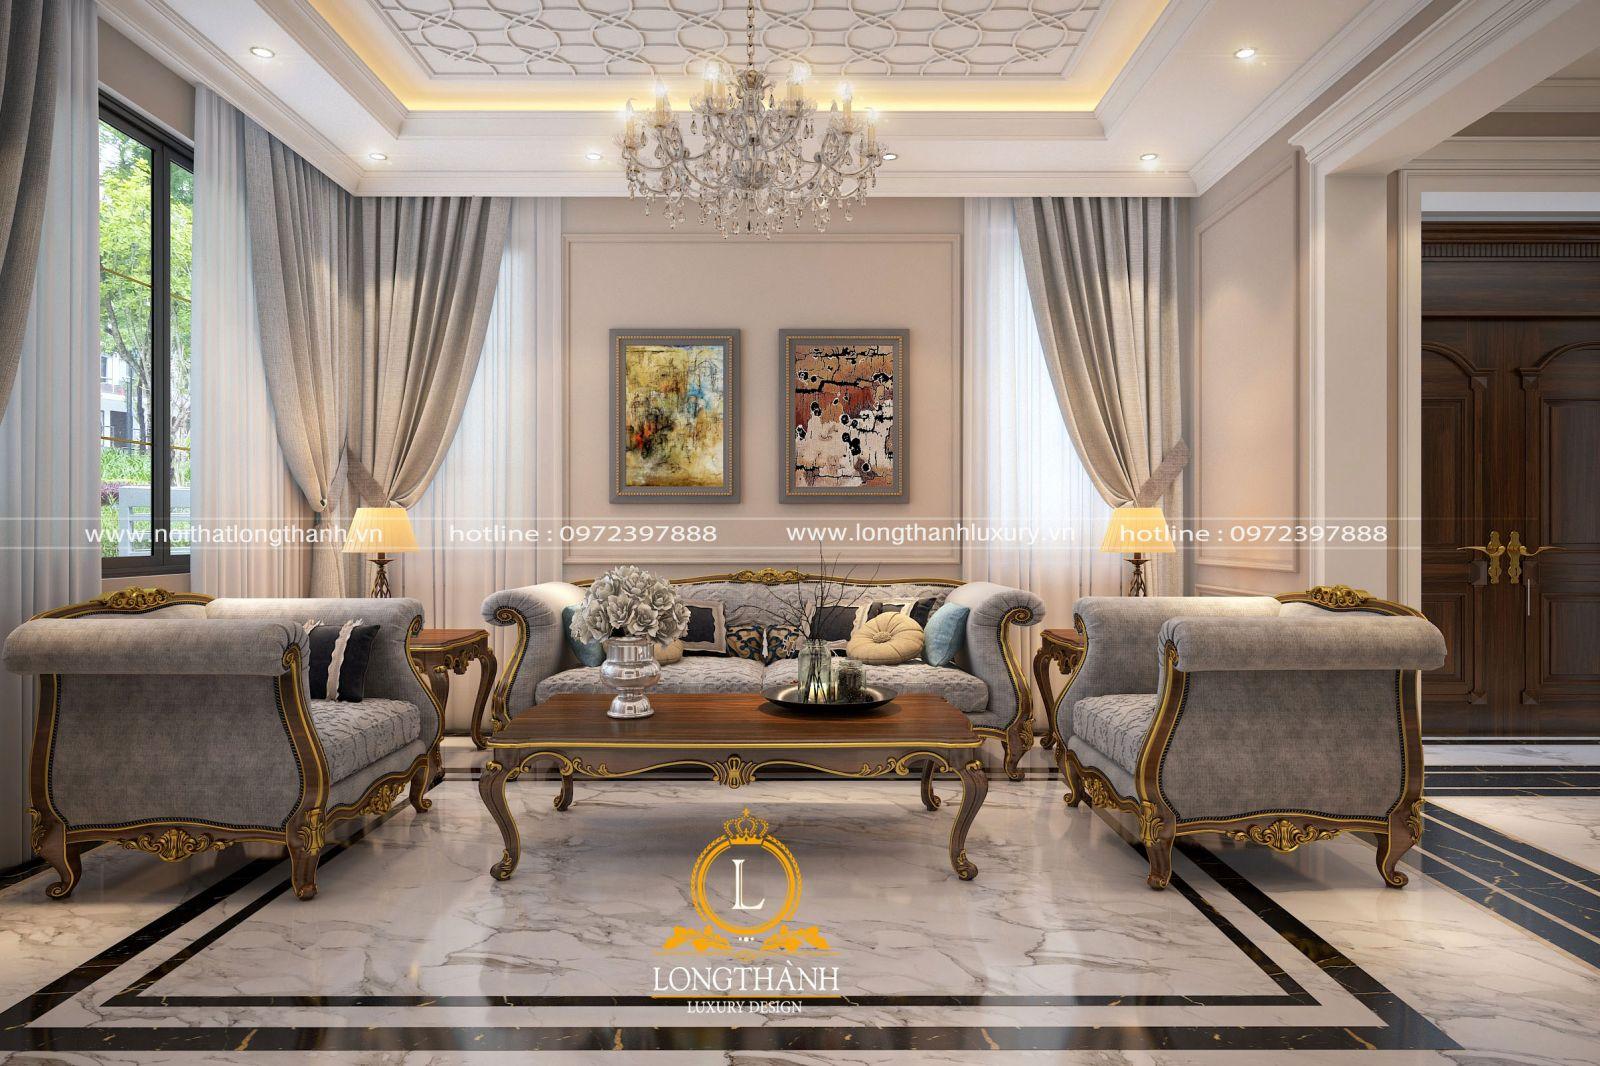 Mẫu phòng khách đẹp cho nhà biệt thự LT08